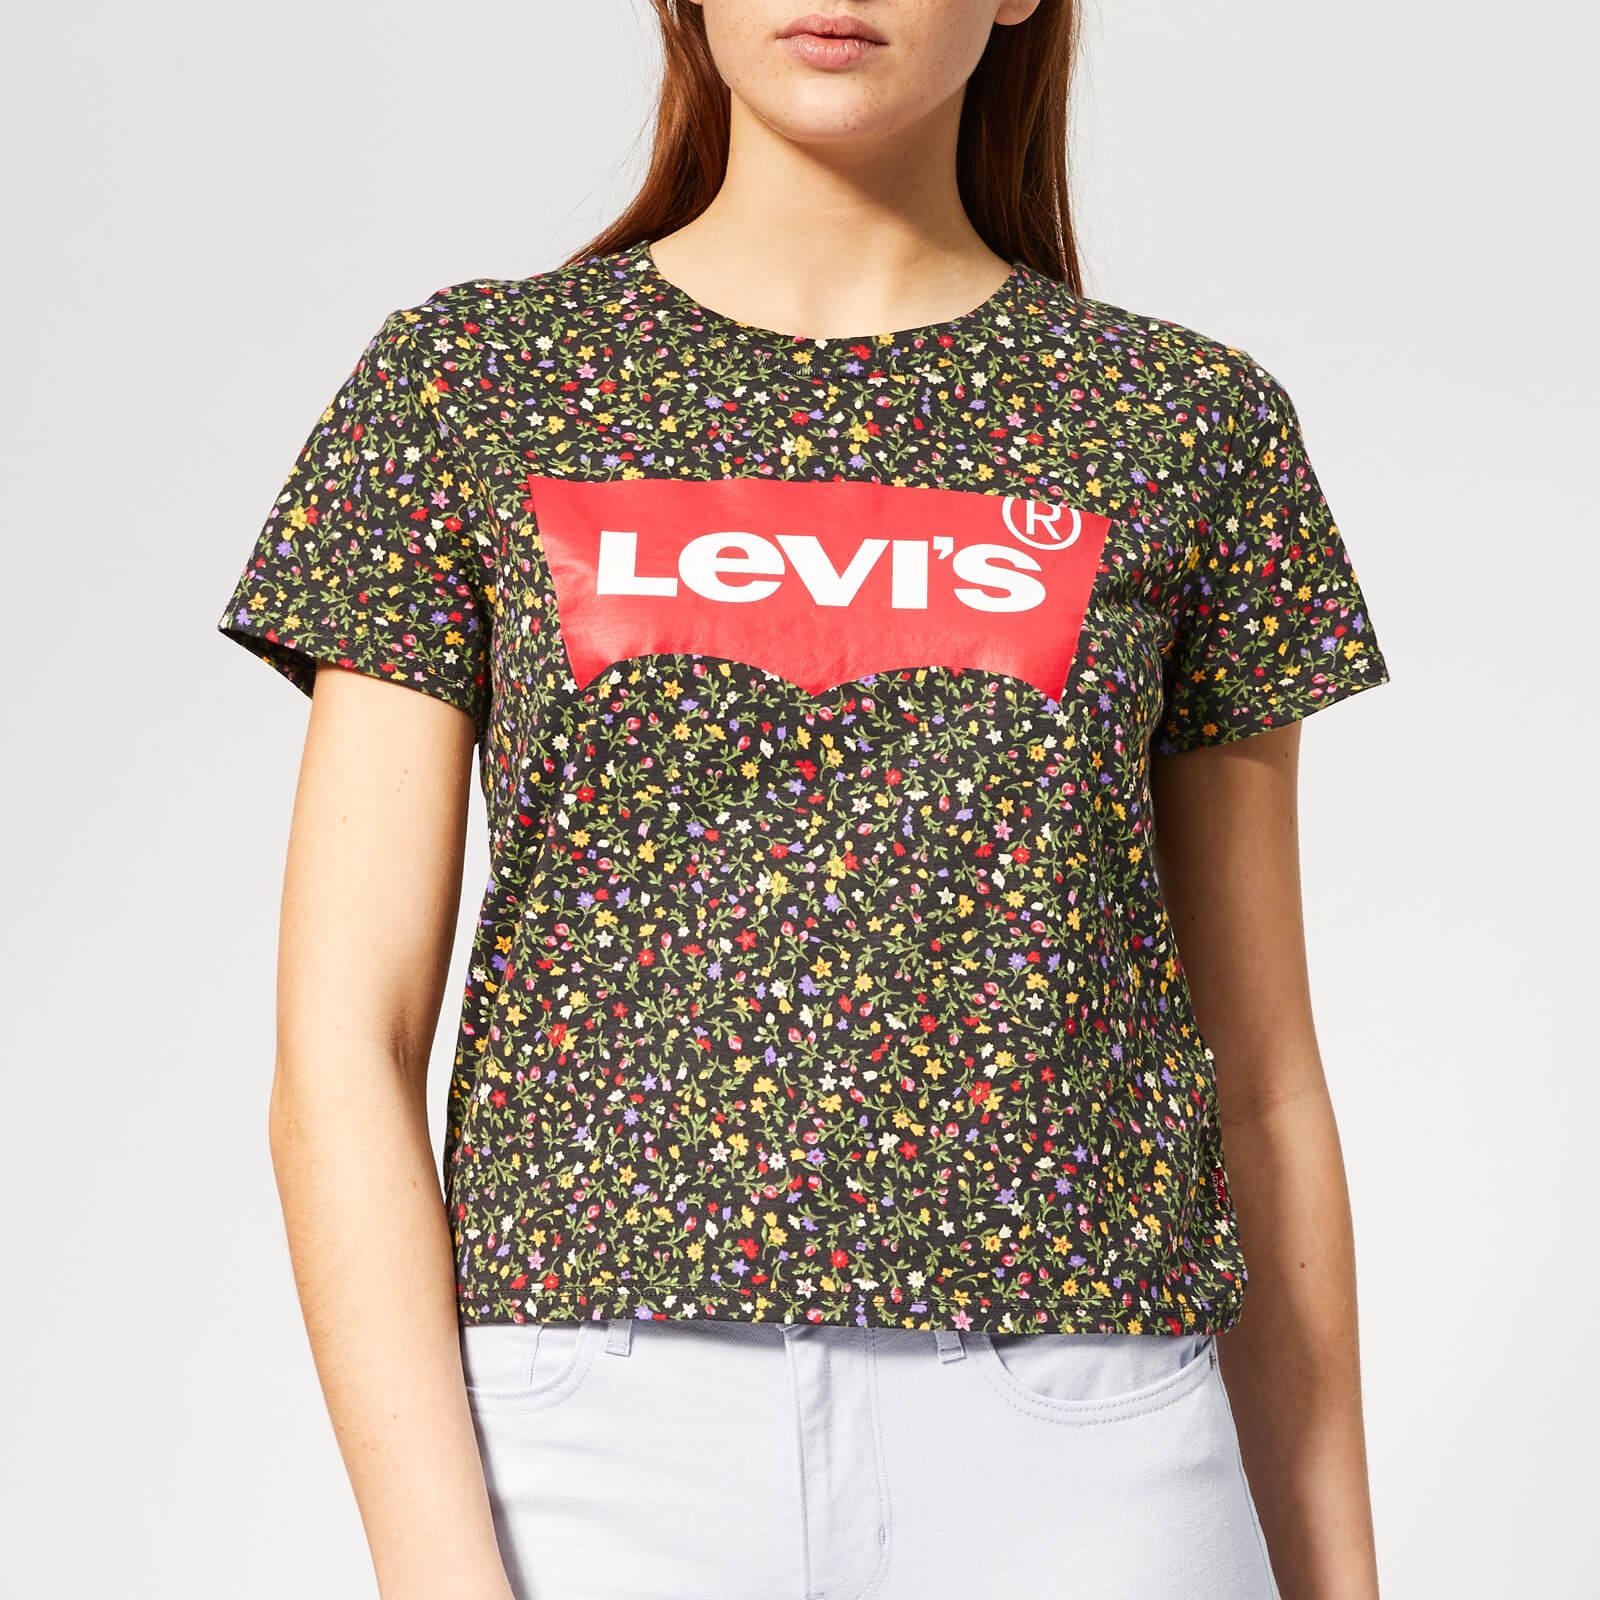 Levi's s Graphic Surf T-Shirt - Ditsy Secret Garden Caviar - XS - Multi